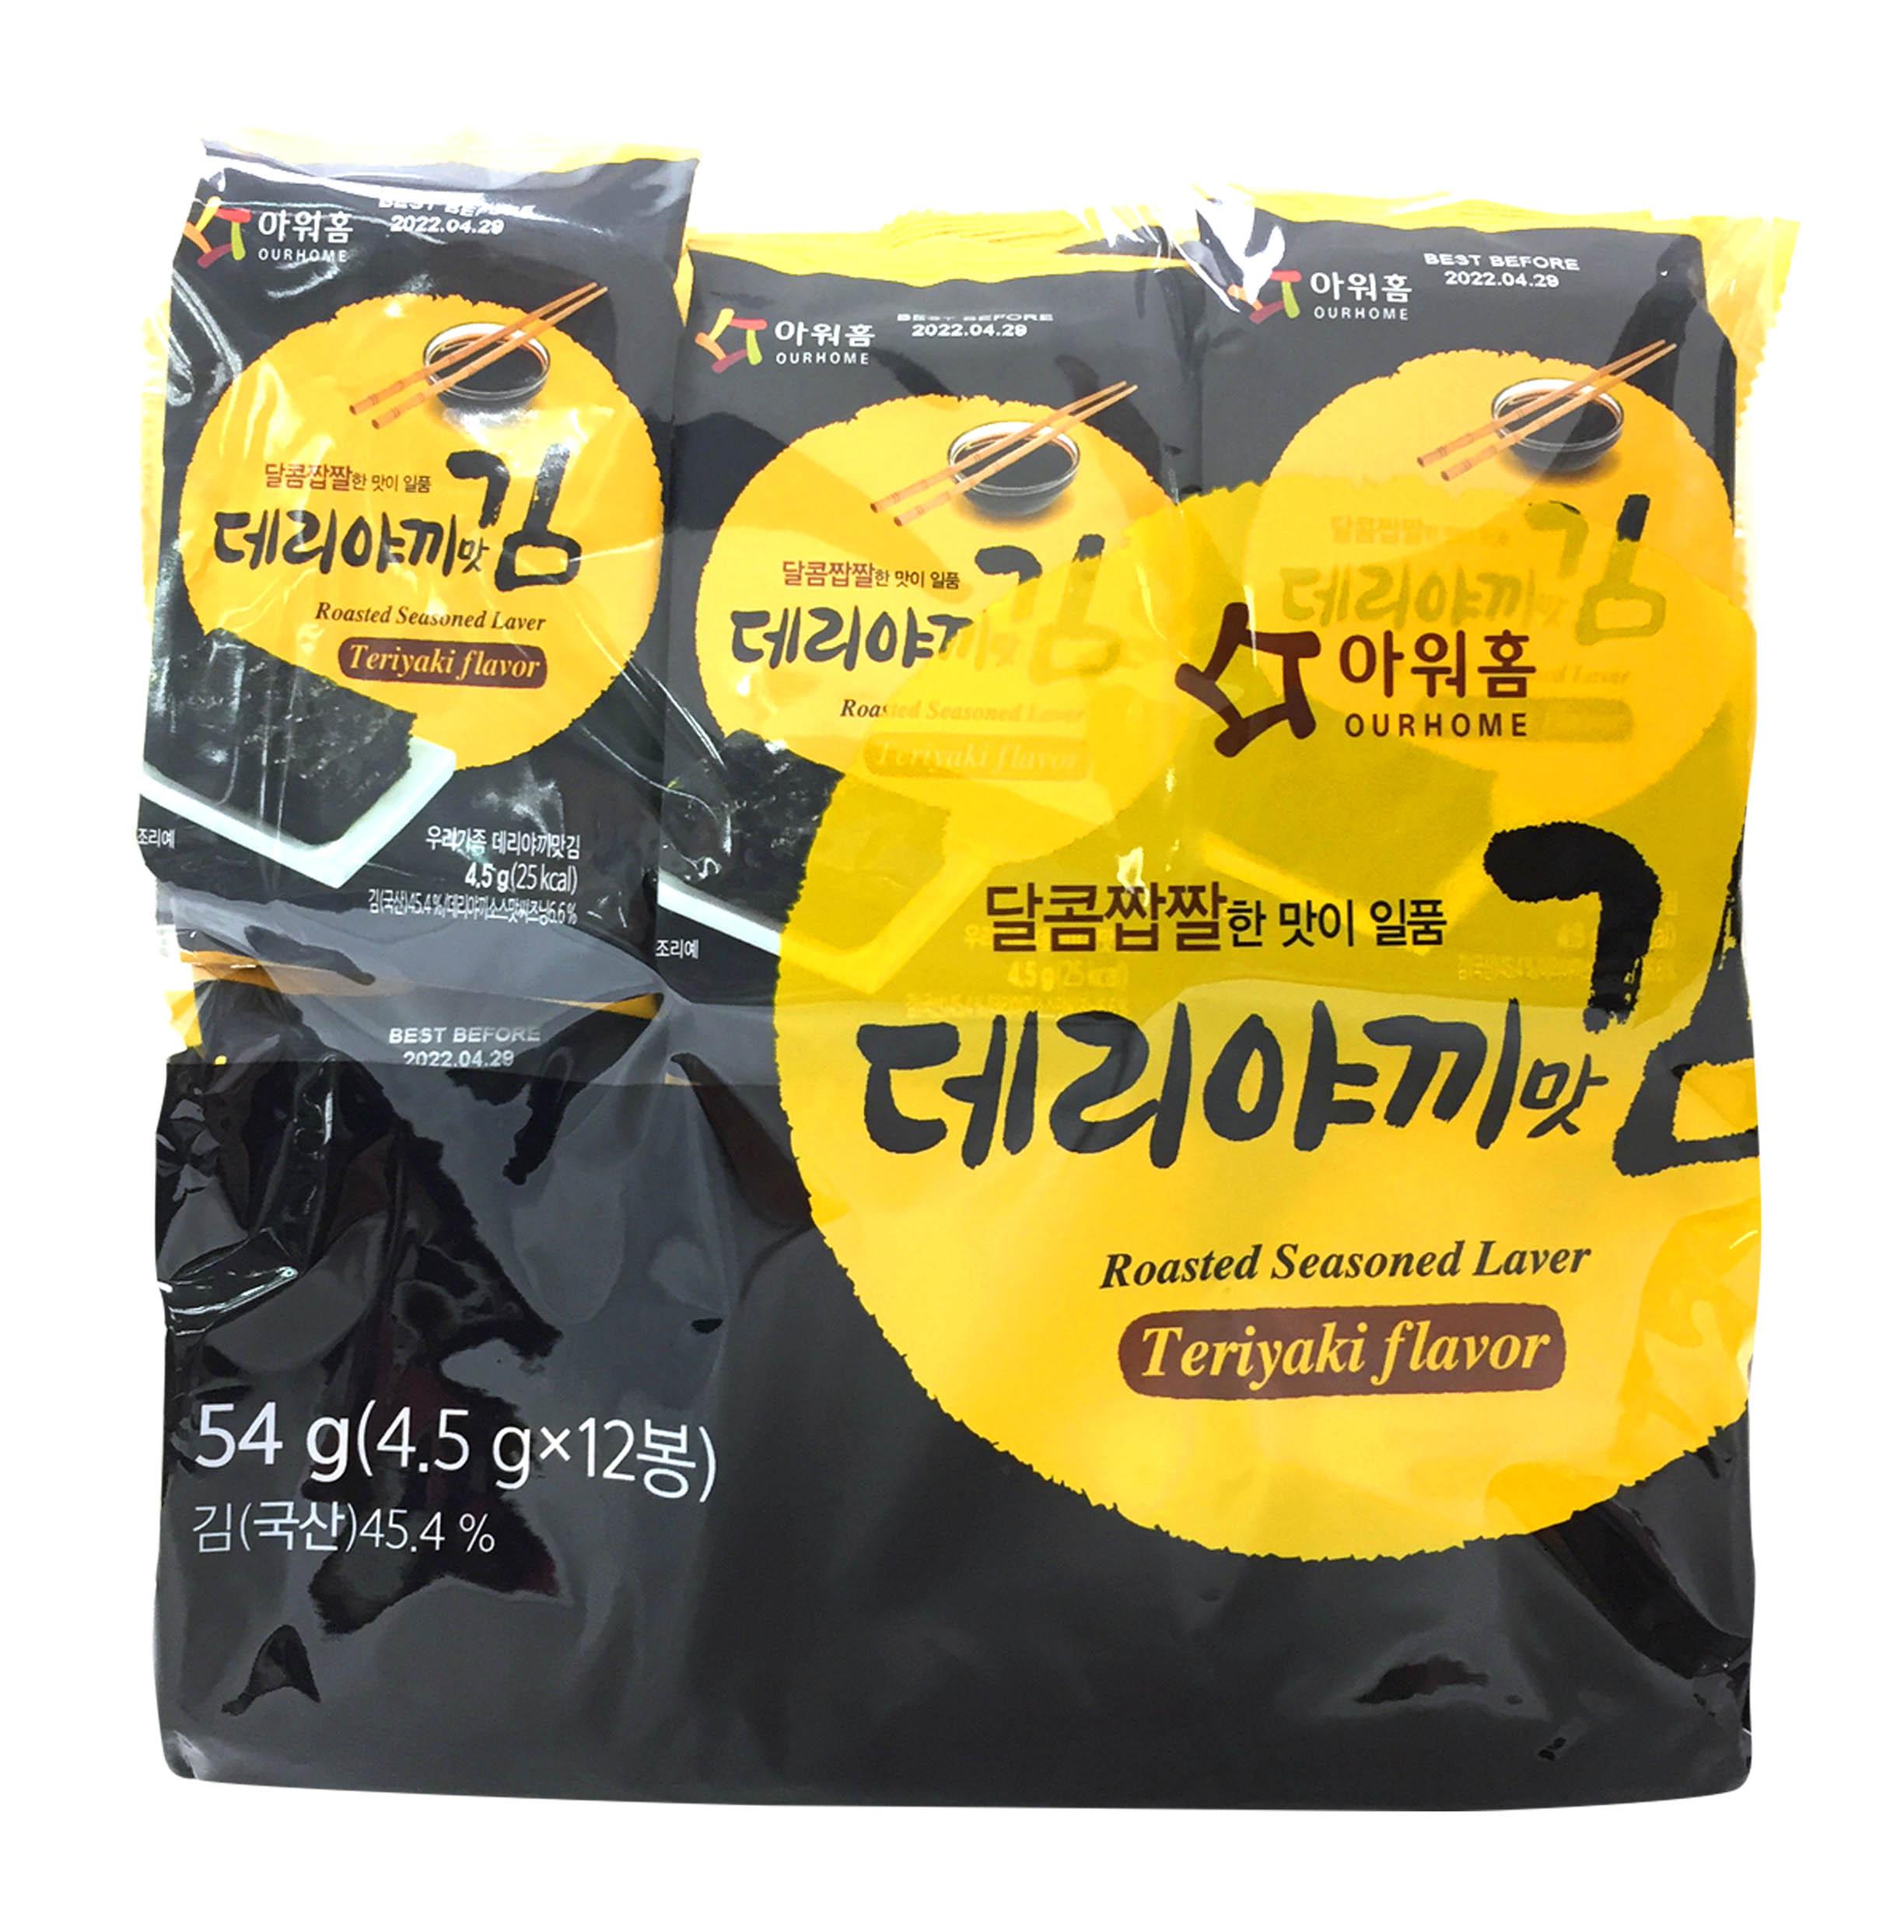 傳統海苔 照燒風味 韓味不二 OURHOME 紫菜 韓國進口